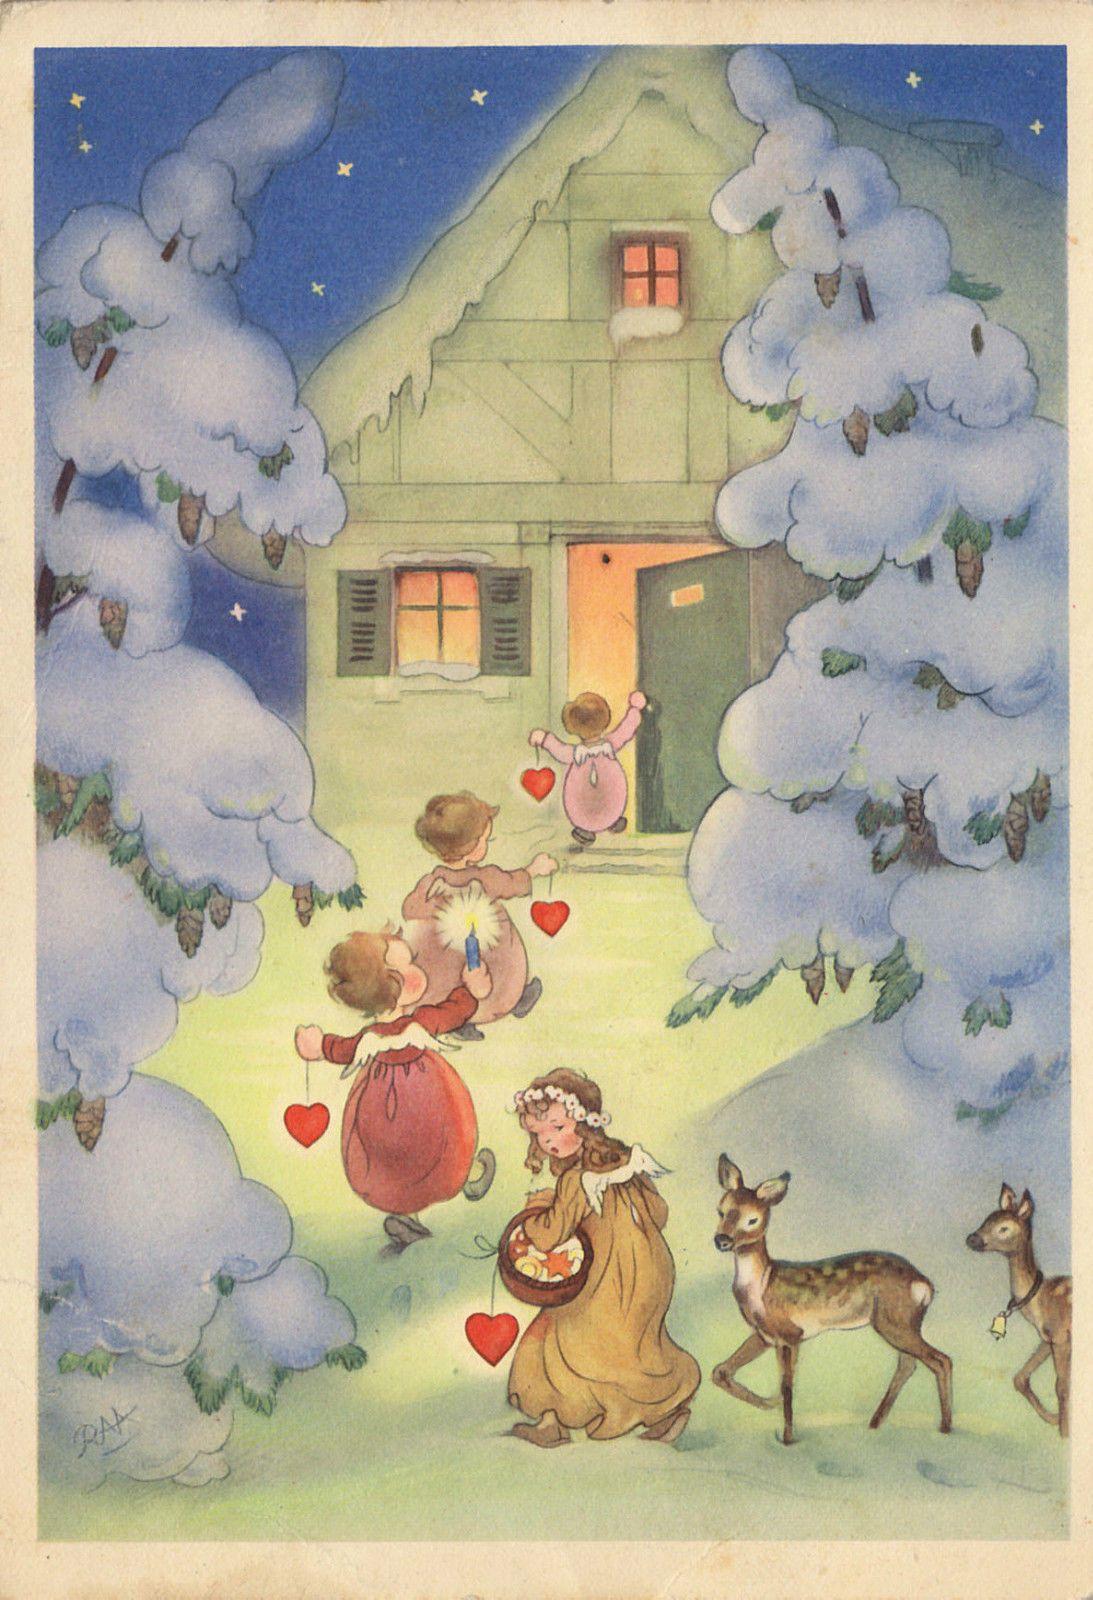 WEIHNACHTEN - Die Weihnachtsengelchen kommen - CHARLOTTE BARON RAA ...